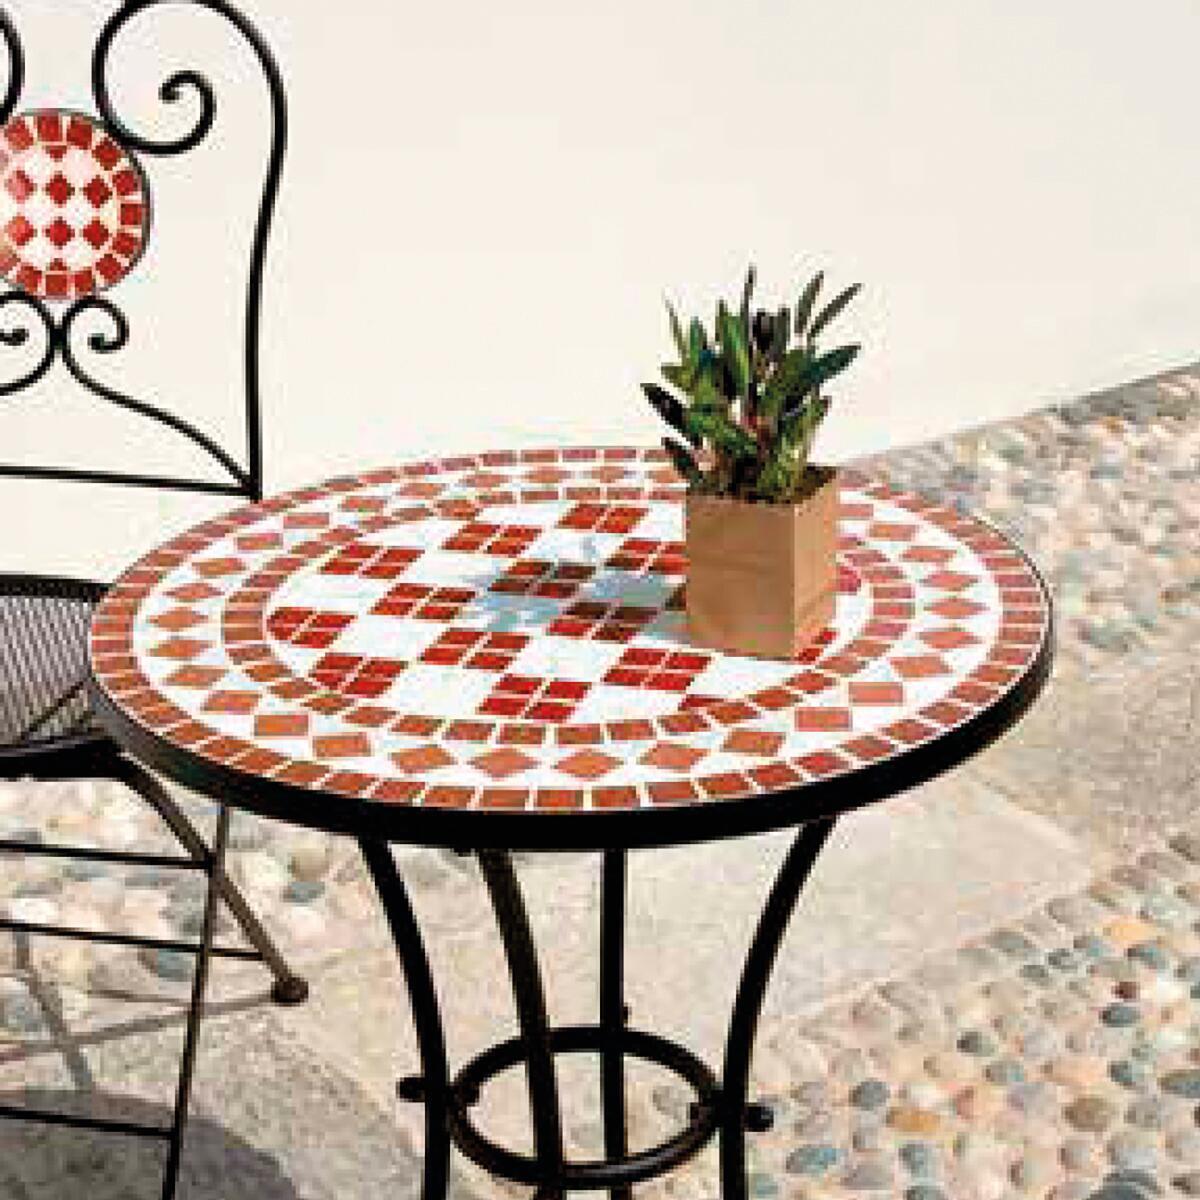 Tavolo da giardino tondo Tmt con piano in mosaico Ø 55 cm - 3